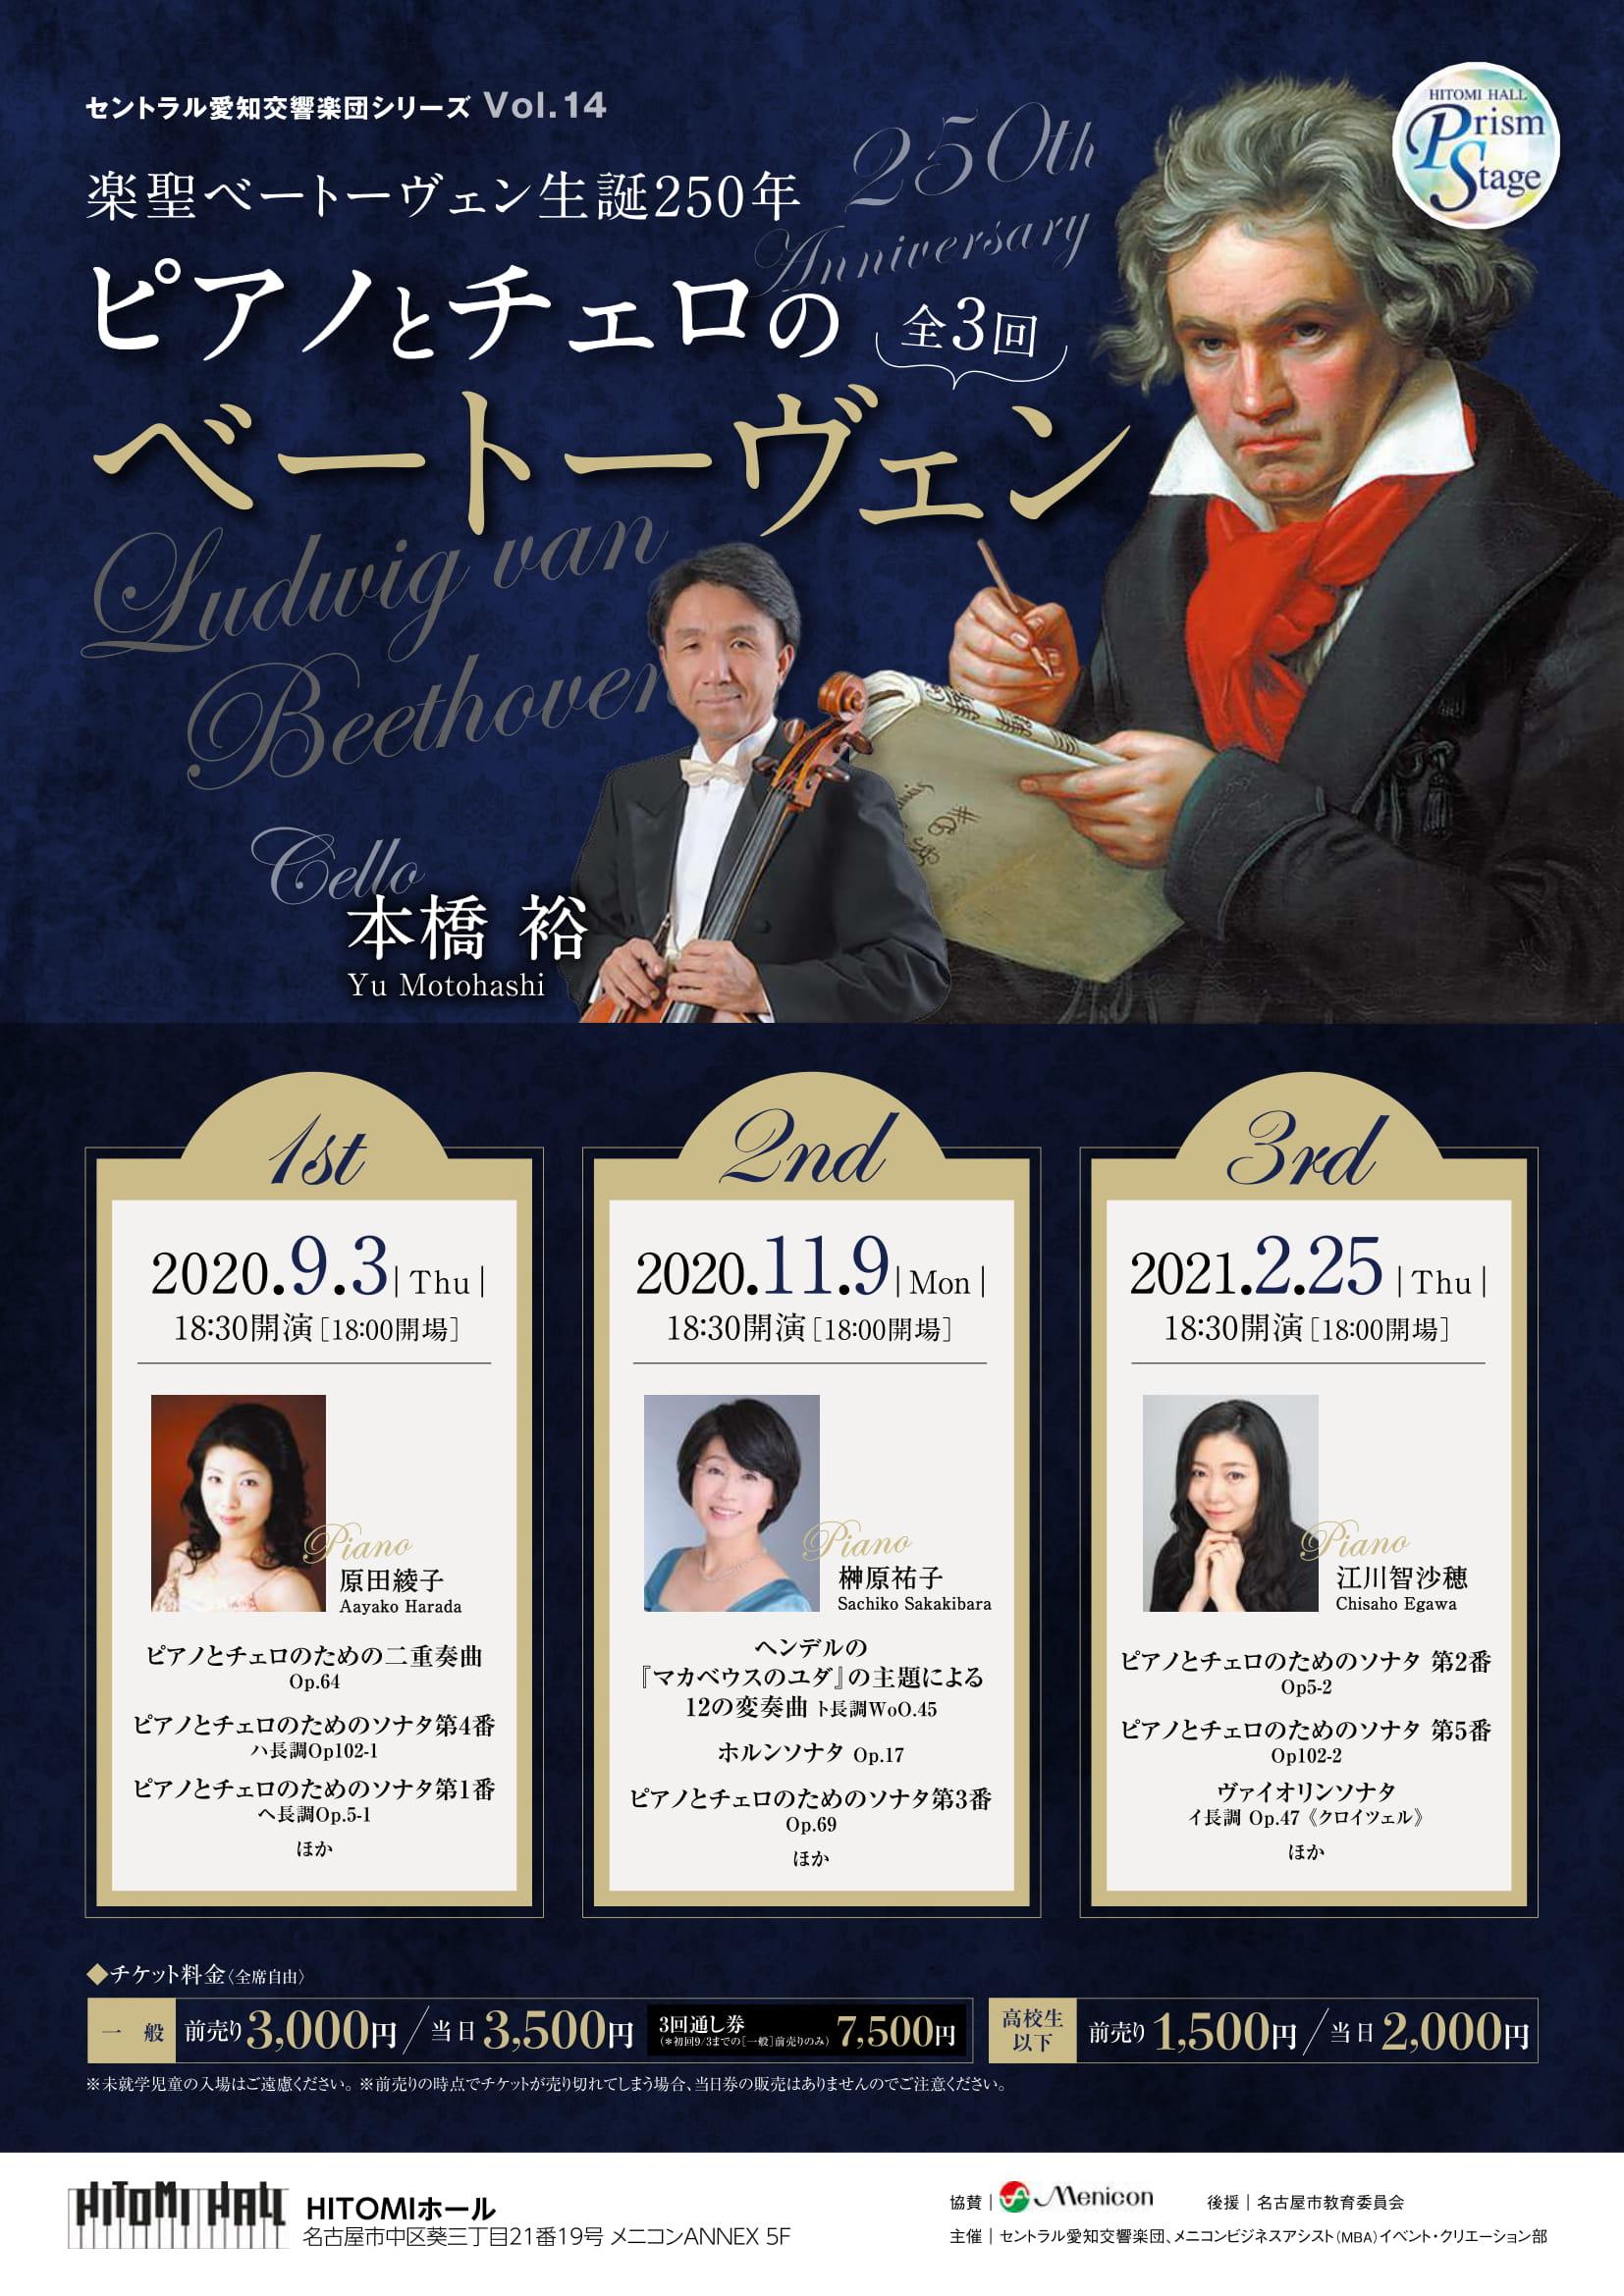 HITOMIホールプリズムステージ セントラル愛知交響楽団シリーズVol.14「ピアノとチェロのベートーヴェン」【3rd】(全3回)